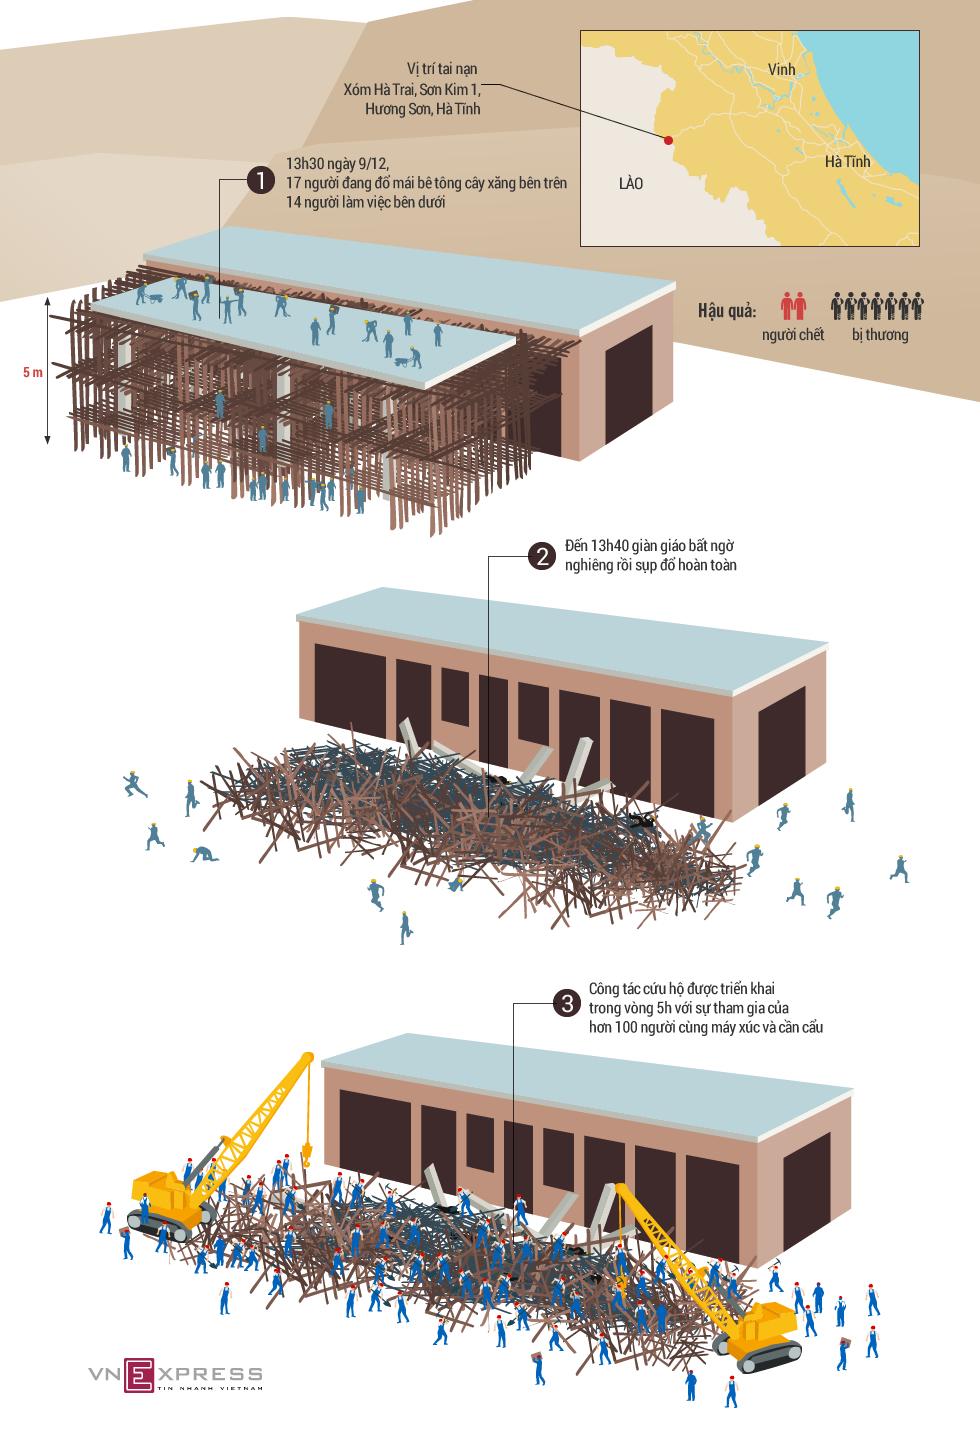 Công trình xây dựng cây xăng bị sập như thế nào